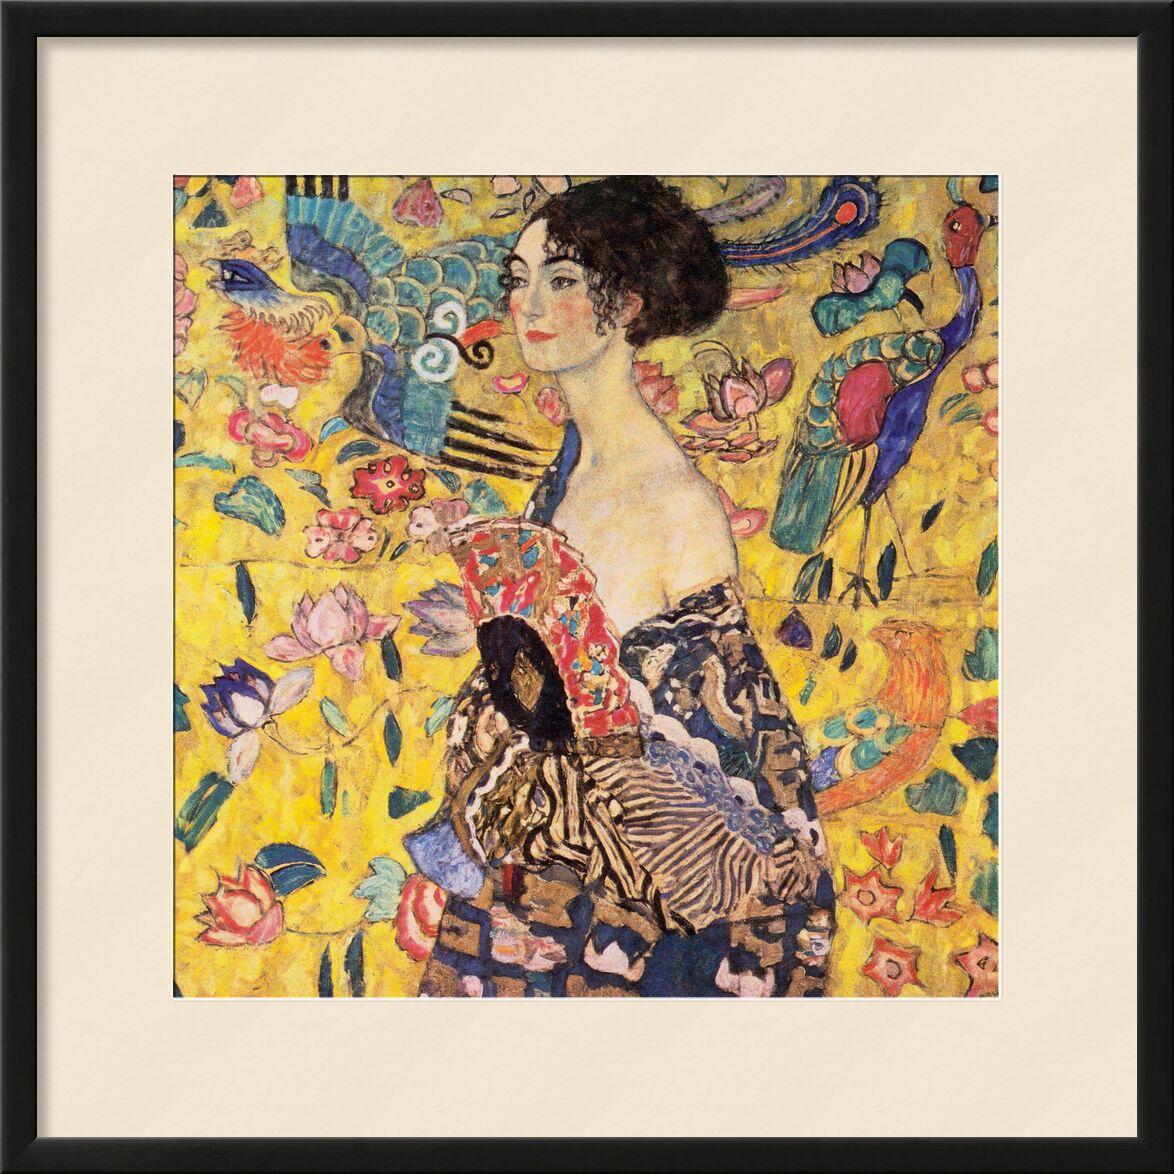 The Lady with a Fan - Gustav Klimt from AUX BEAUX-ARTS, Prodi Art, range, portrait, face, painting, woman, Art Nouveau, KLIMT